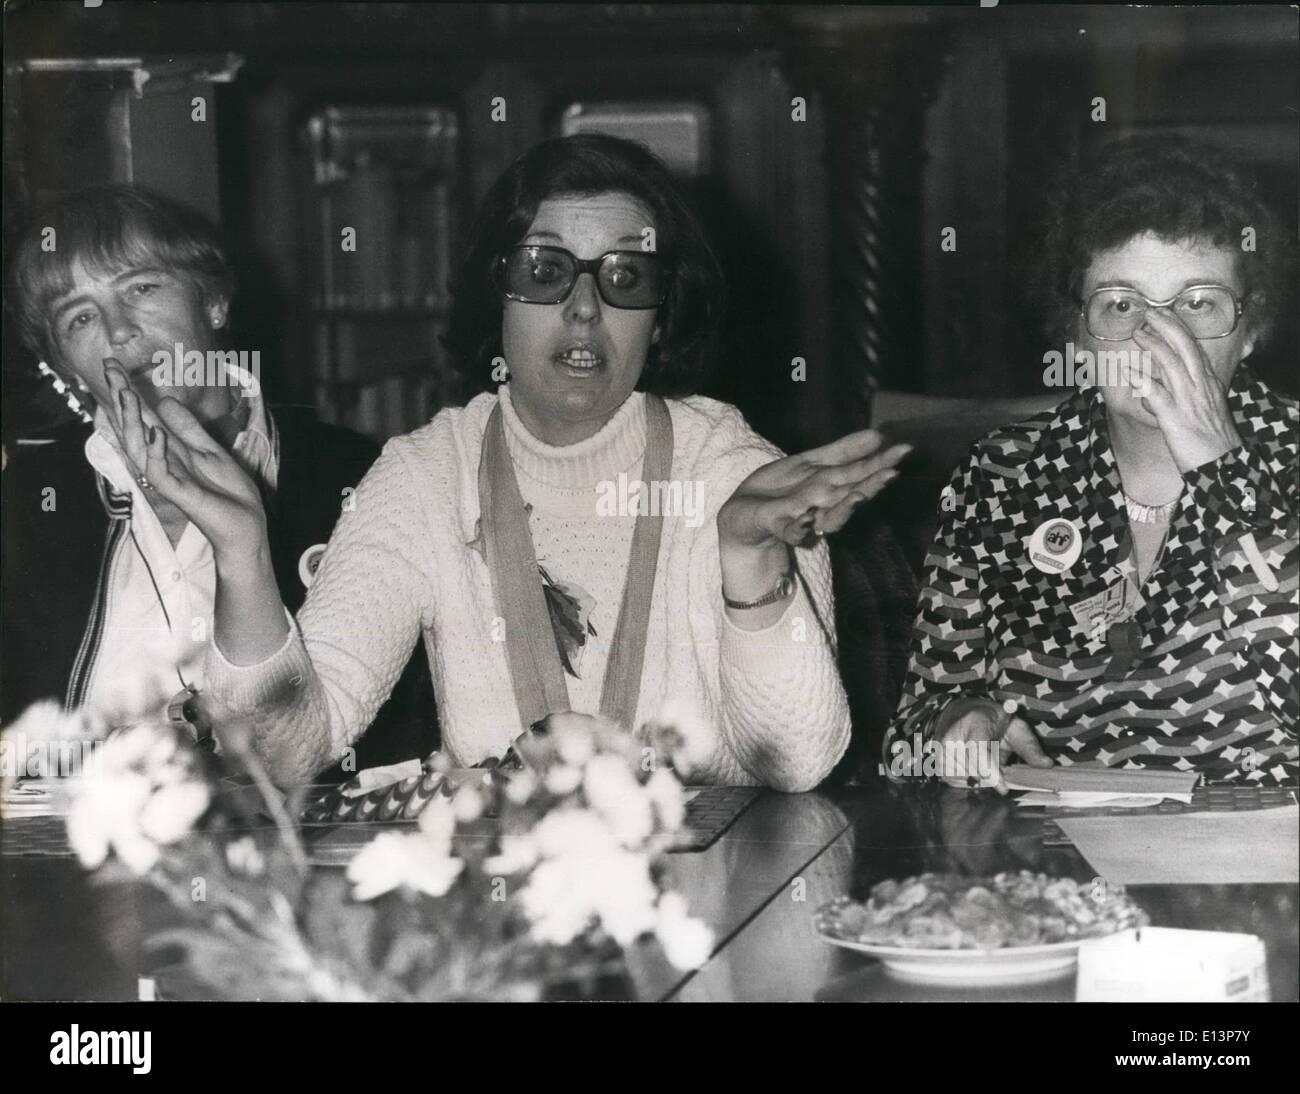 Mar. 22, 2012 - chef du mouvement de la paix de l'Ulster Betty Williams sur Visite en West-Germany: Betty Williams, le chef de l'Ulster, mouvement des femmes pour la paix est venu d'une visite de quatre jours à West-Germany sur invitation du gouvernement fédéral. Après avoir été à Hanovre et à Bonn, où elle a été reçue par le président du Bundestag, Annmarie Ranger, Betty Williams est venu de Hambourg. La Belfast femme au foyer, mère de deux enfants, sera décerné cette année le Von-Osaietzky Carl - Médaille réalisée par la section de Berlin de la Ligue internationale pour les droits de l'homme Photo Stock